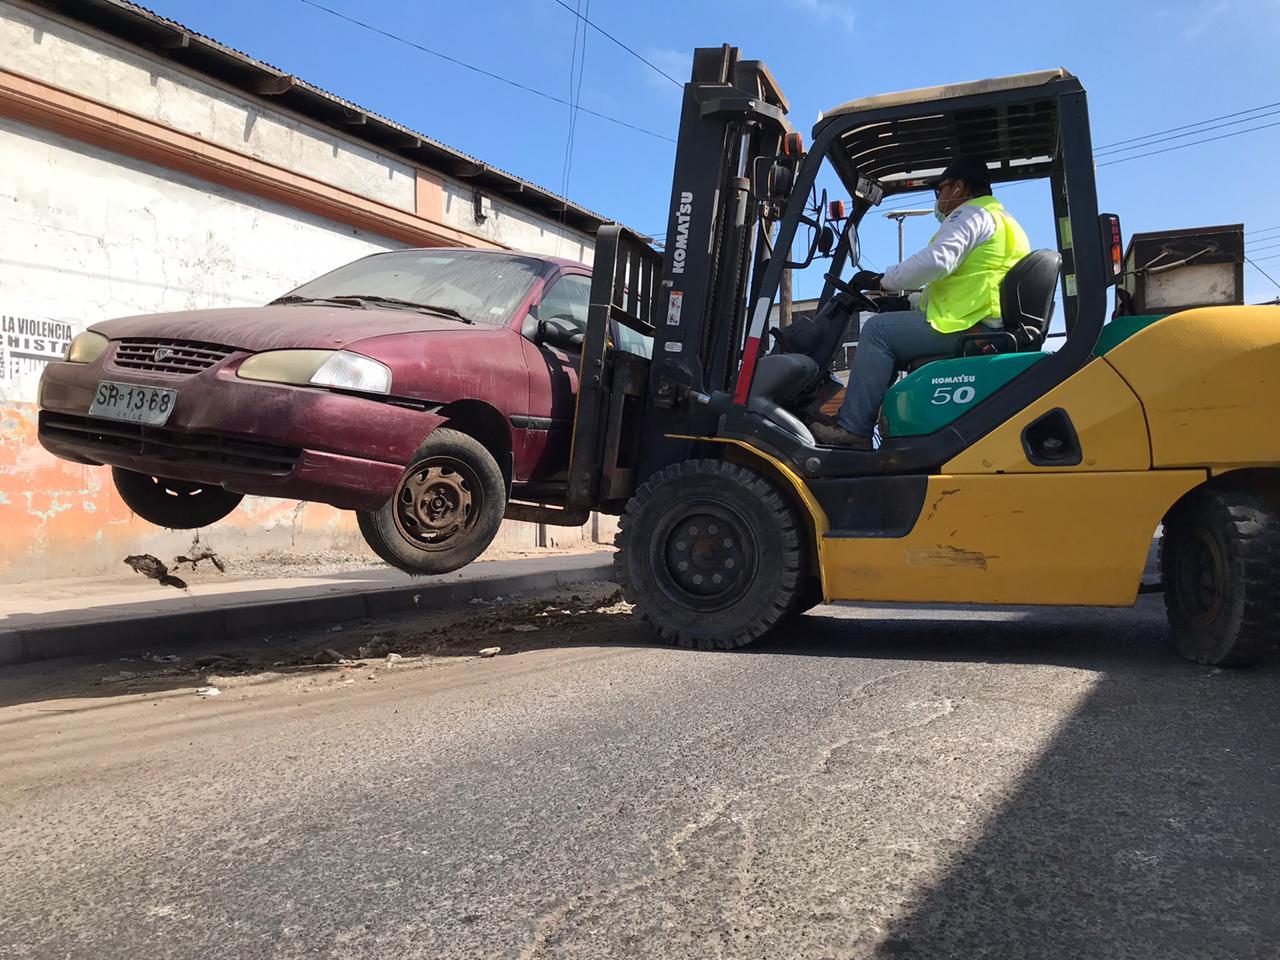 Municiapalidad de Iquique ha retirado 54 vehículos abandonados de las calles durante 2020